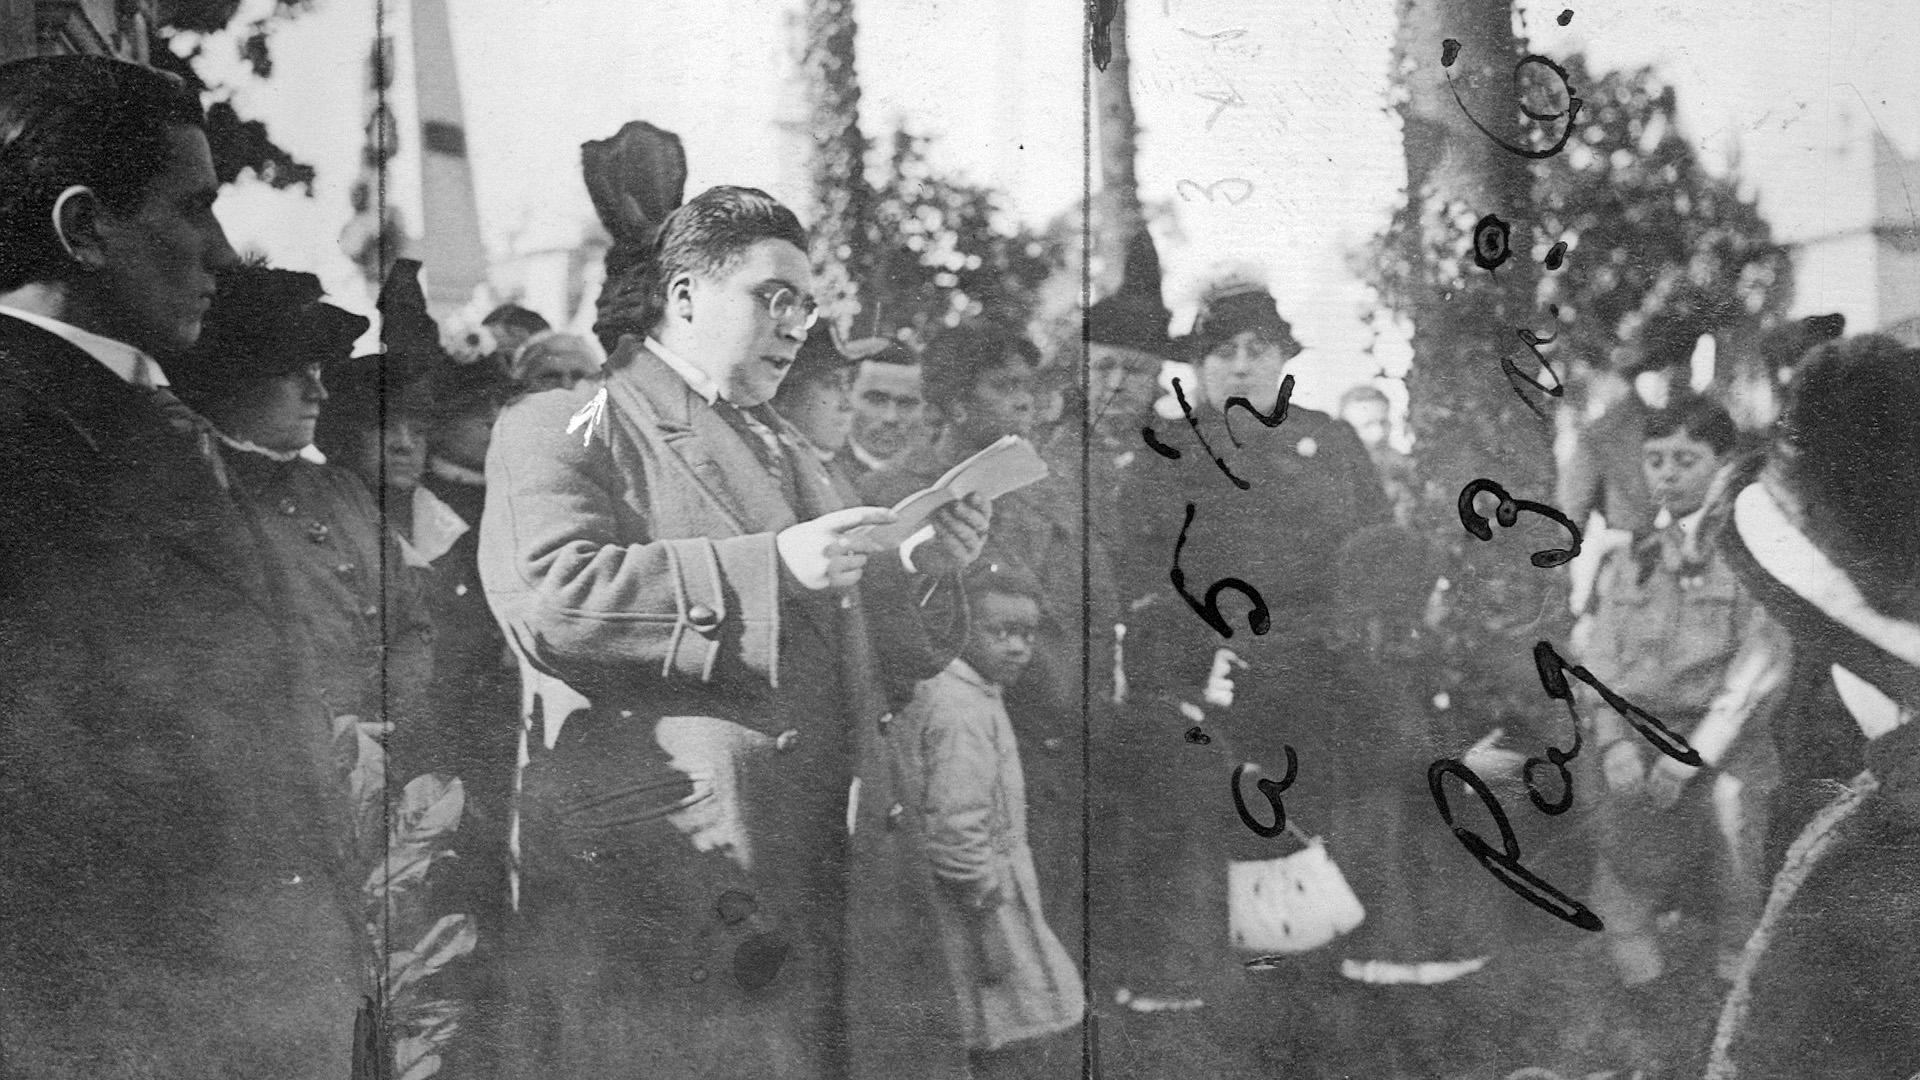 En la plaza Victoria, el secretario de la Asociación Patriótica Nacional lee su discurso.